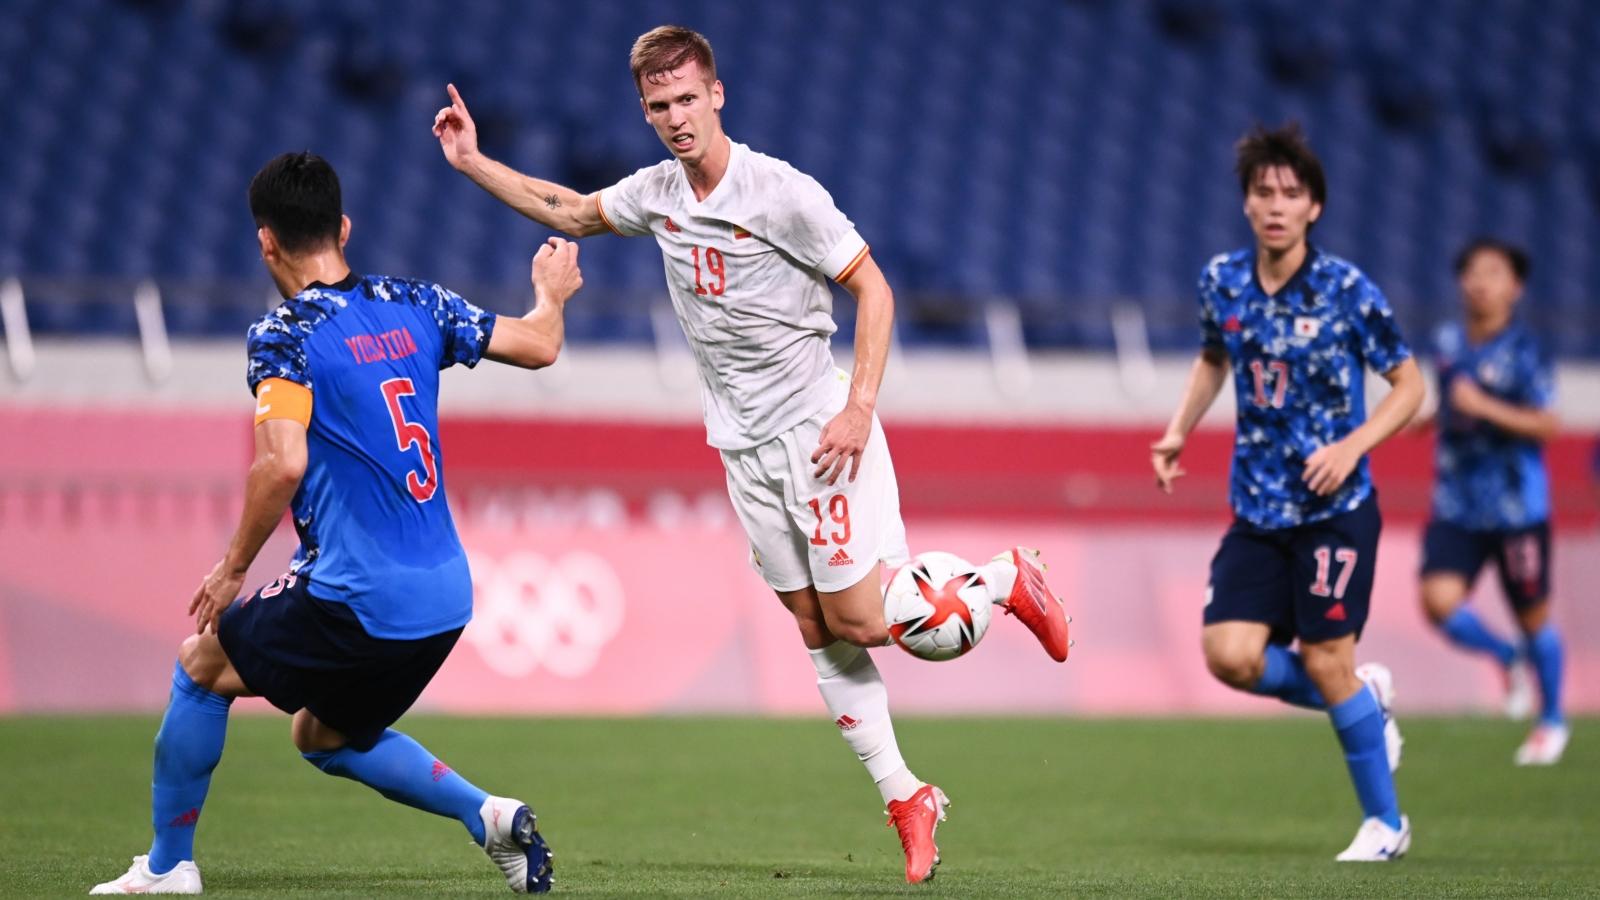 TRỰC TIẾP Nhật Bản 0-0 Tây Ban Nha: VAR từ chối phạt đền cho Bò tót